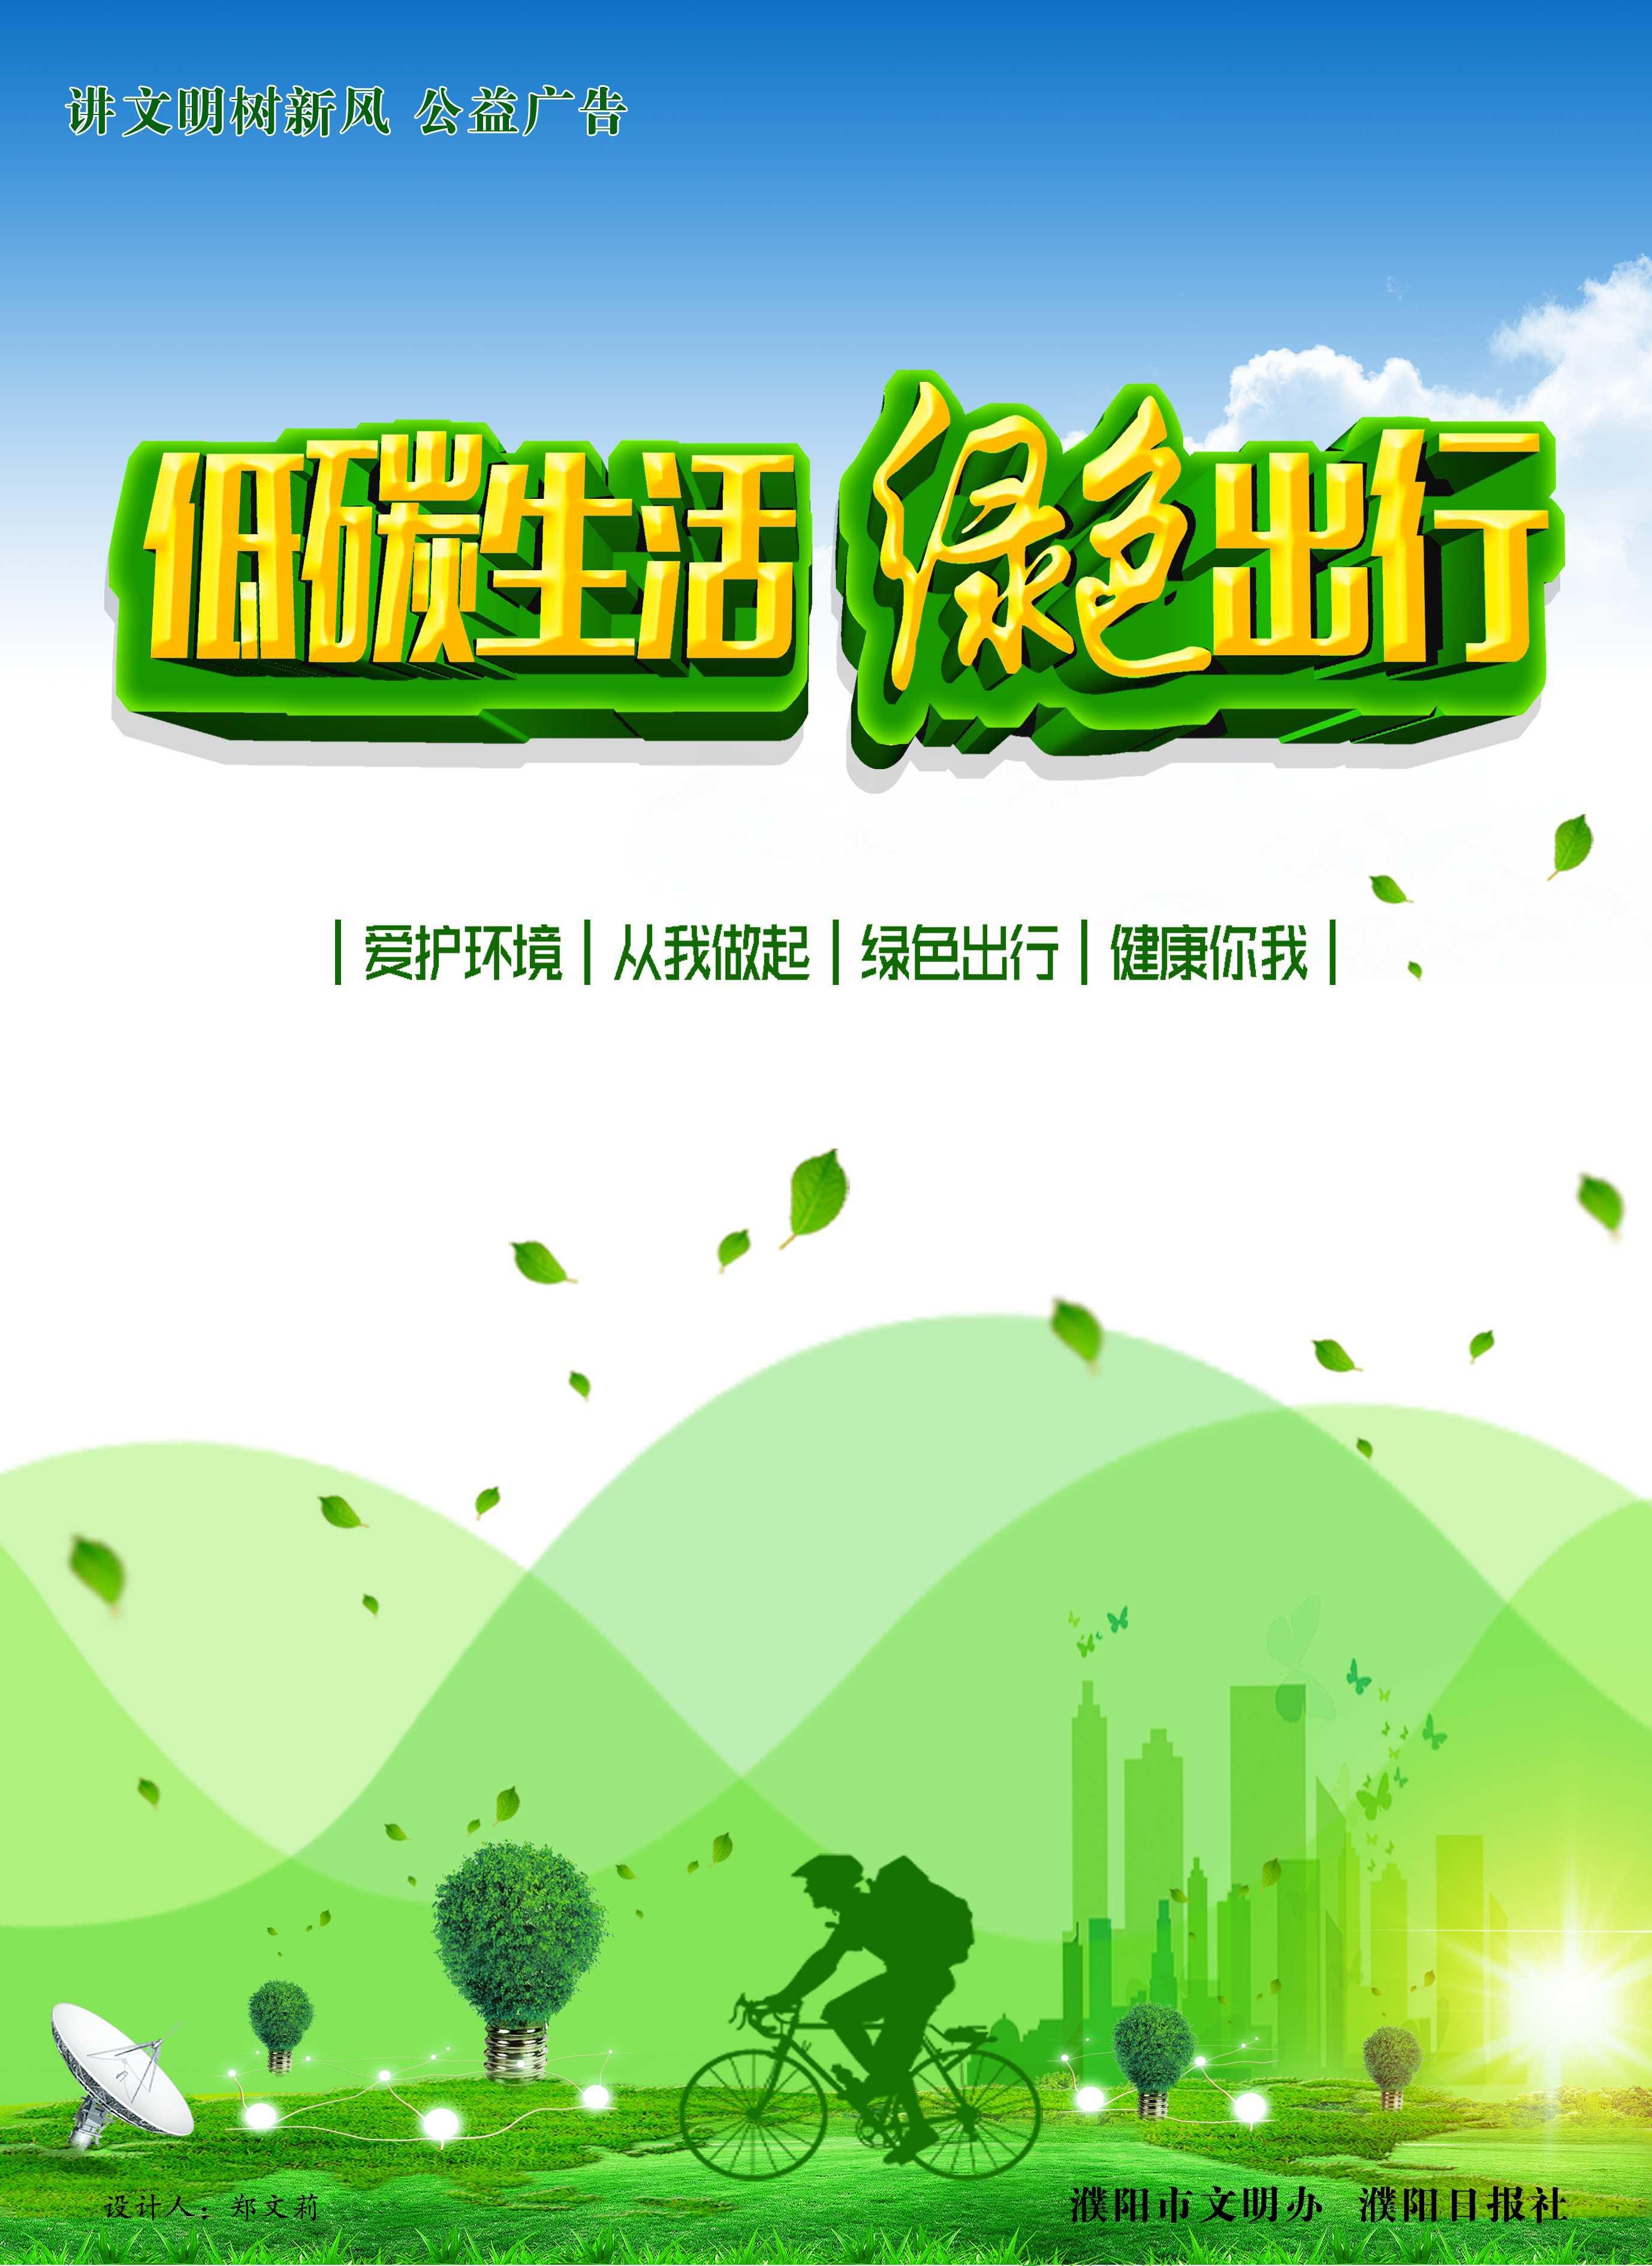 低碳生活 绿色出行